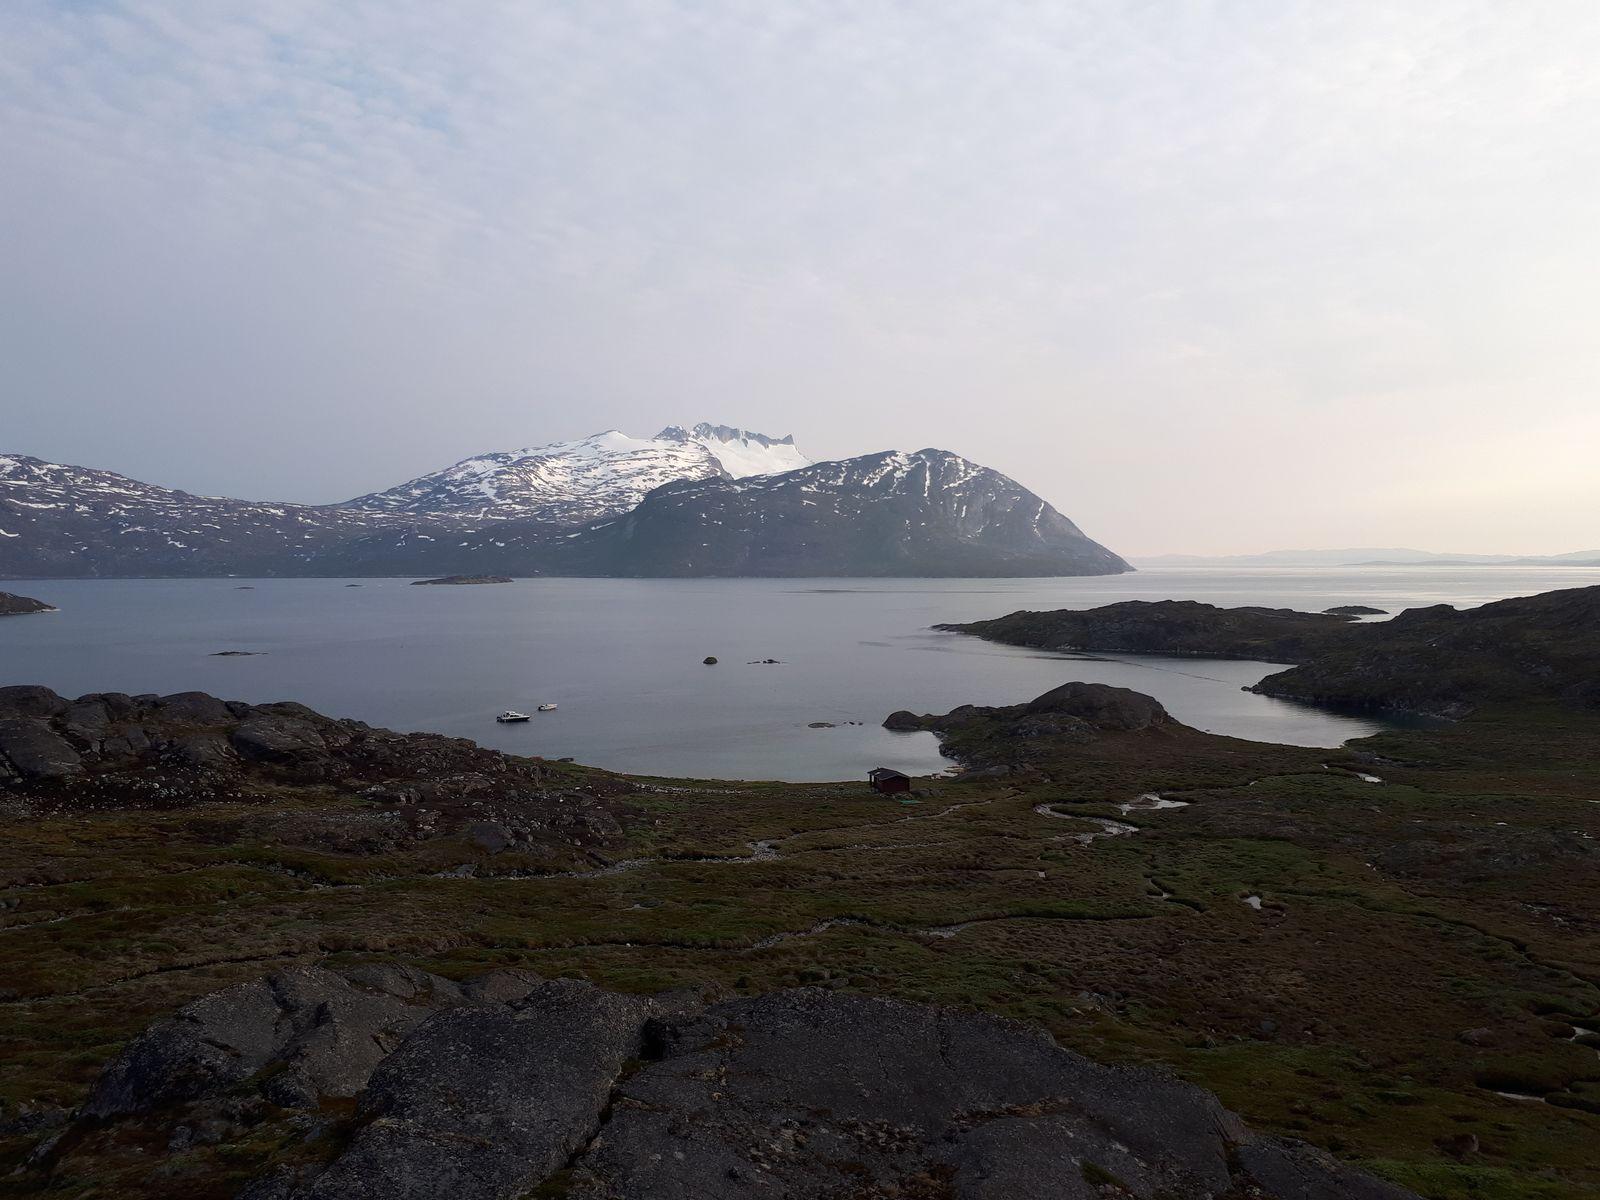 2018-07-14-2051_-_Sermitsiaq